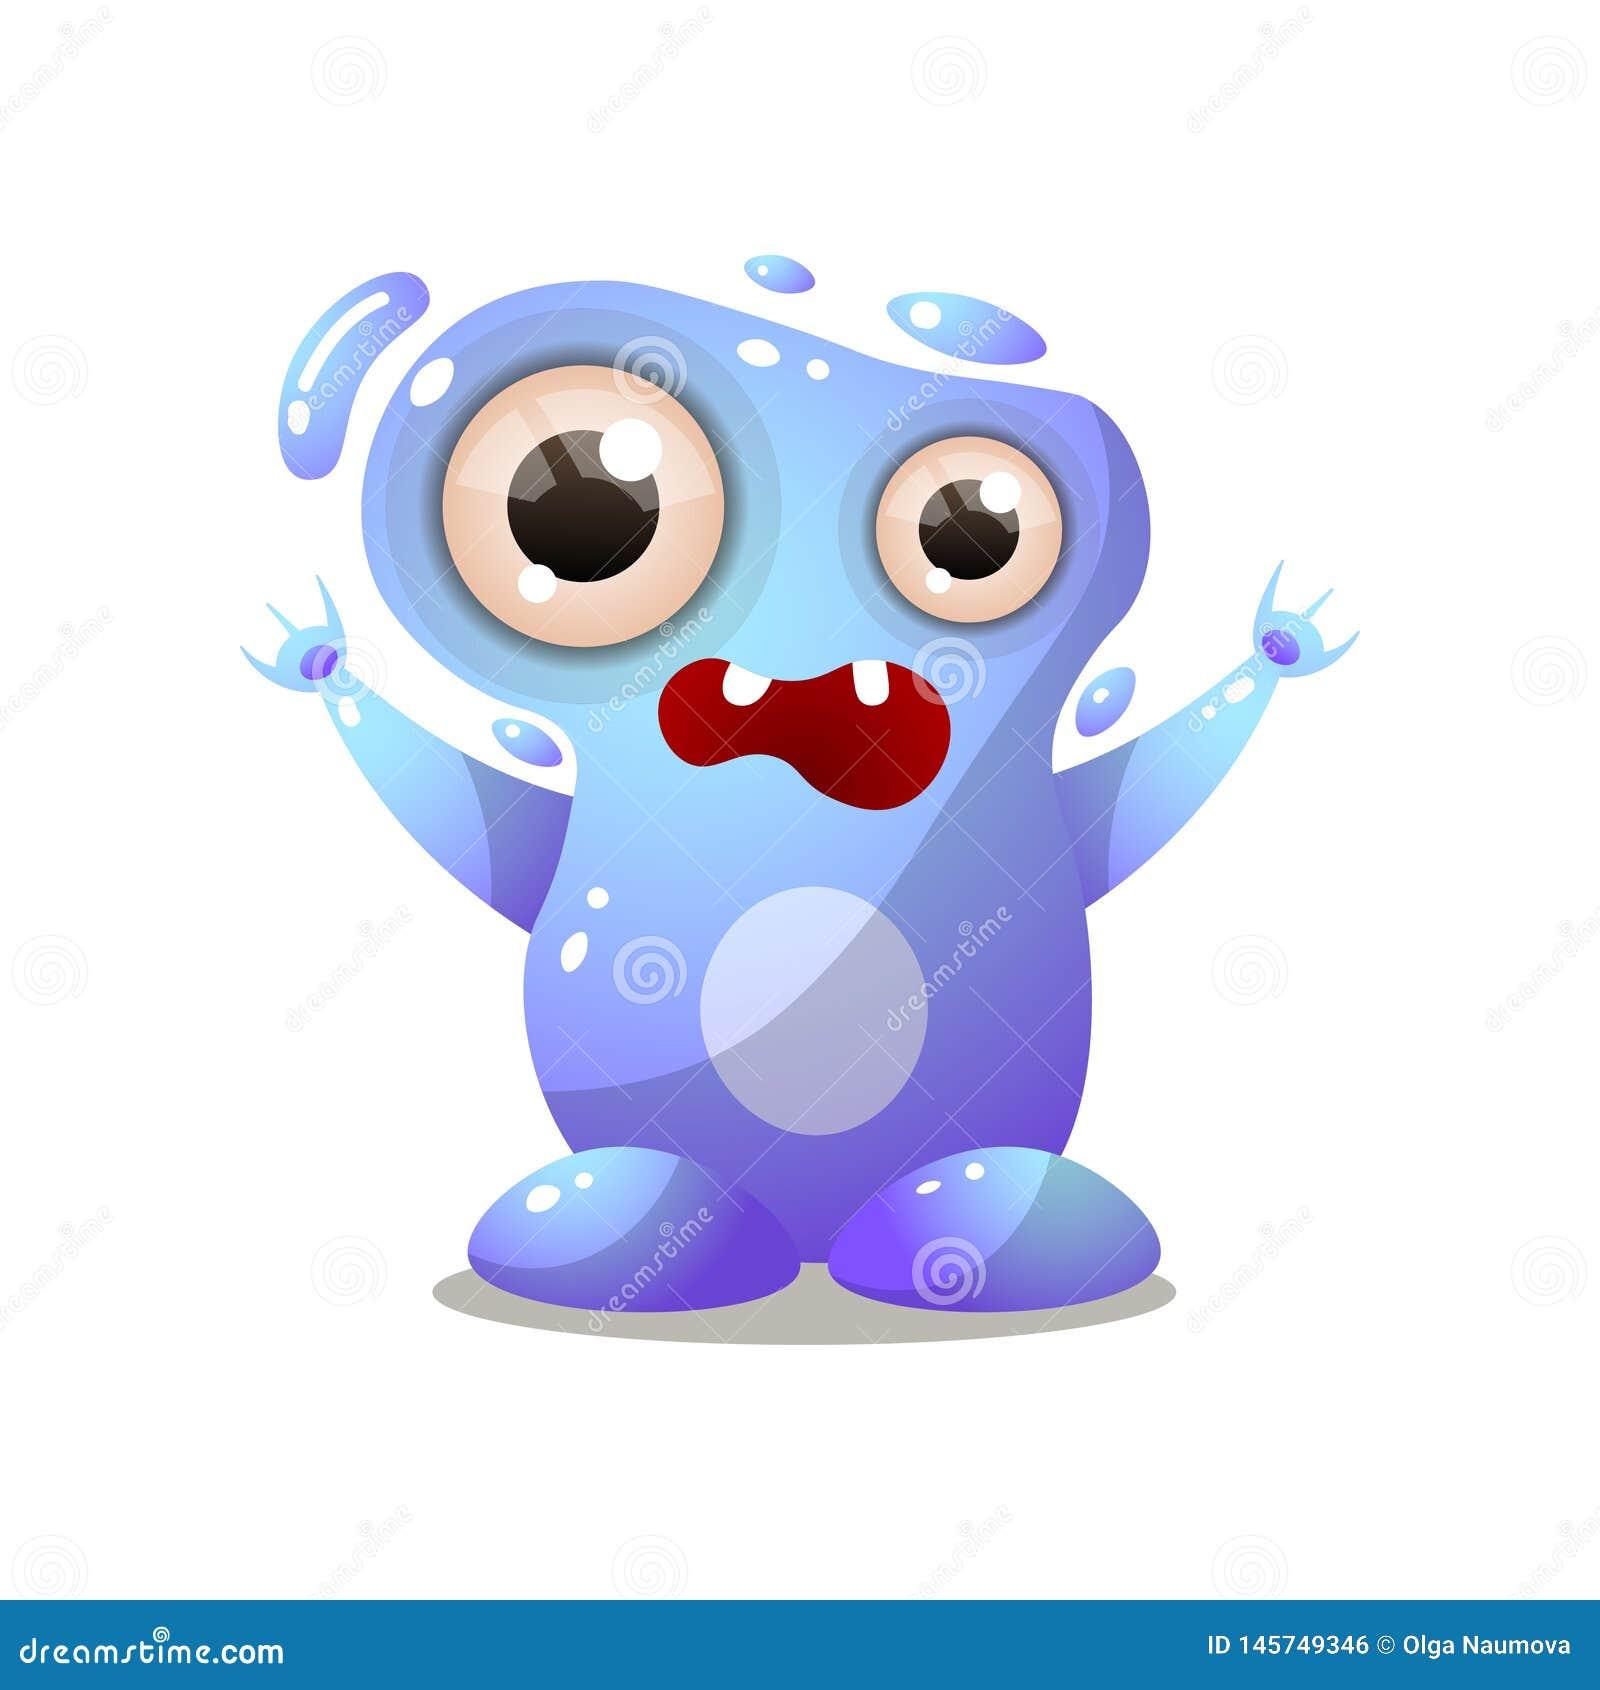 Monstro bonito da água azul com olhos grandes, mãos acima